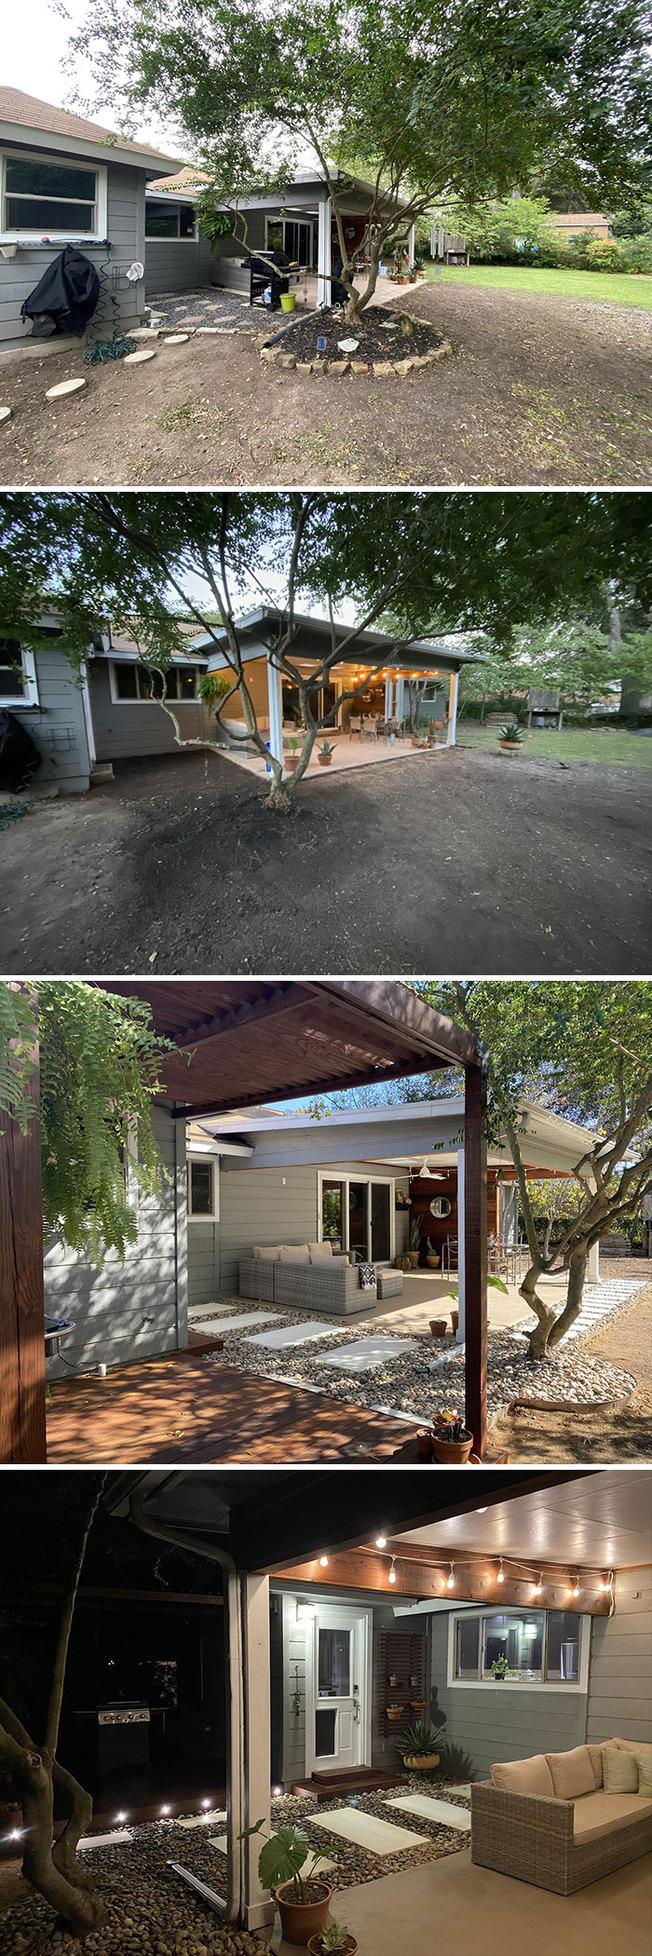 quarantine-covid-backyard-projects-307-6110f559c4bdf__700